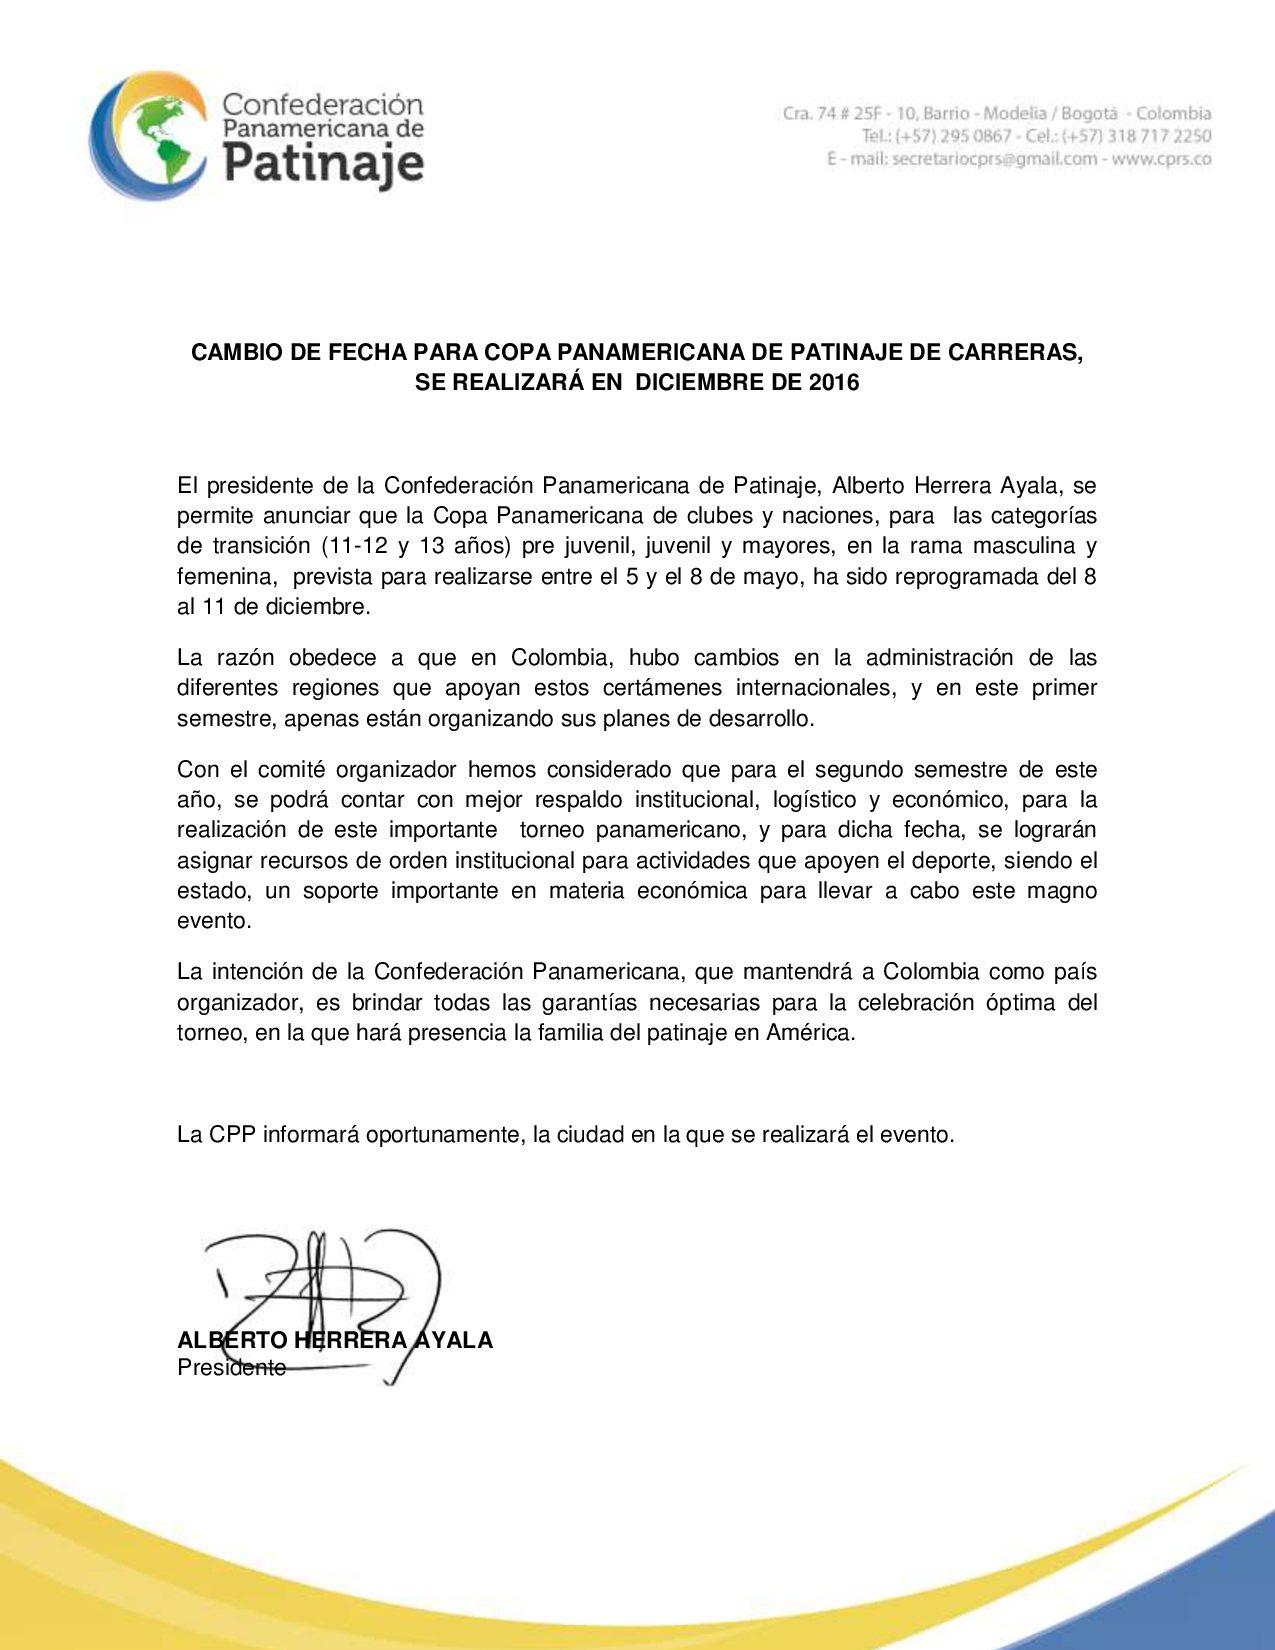 Cambio_de_Fecha_para_Copa_Panamericana_de_Carreras-1